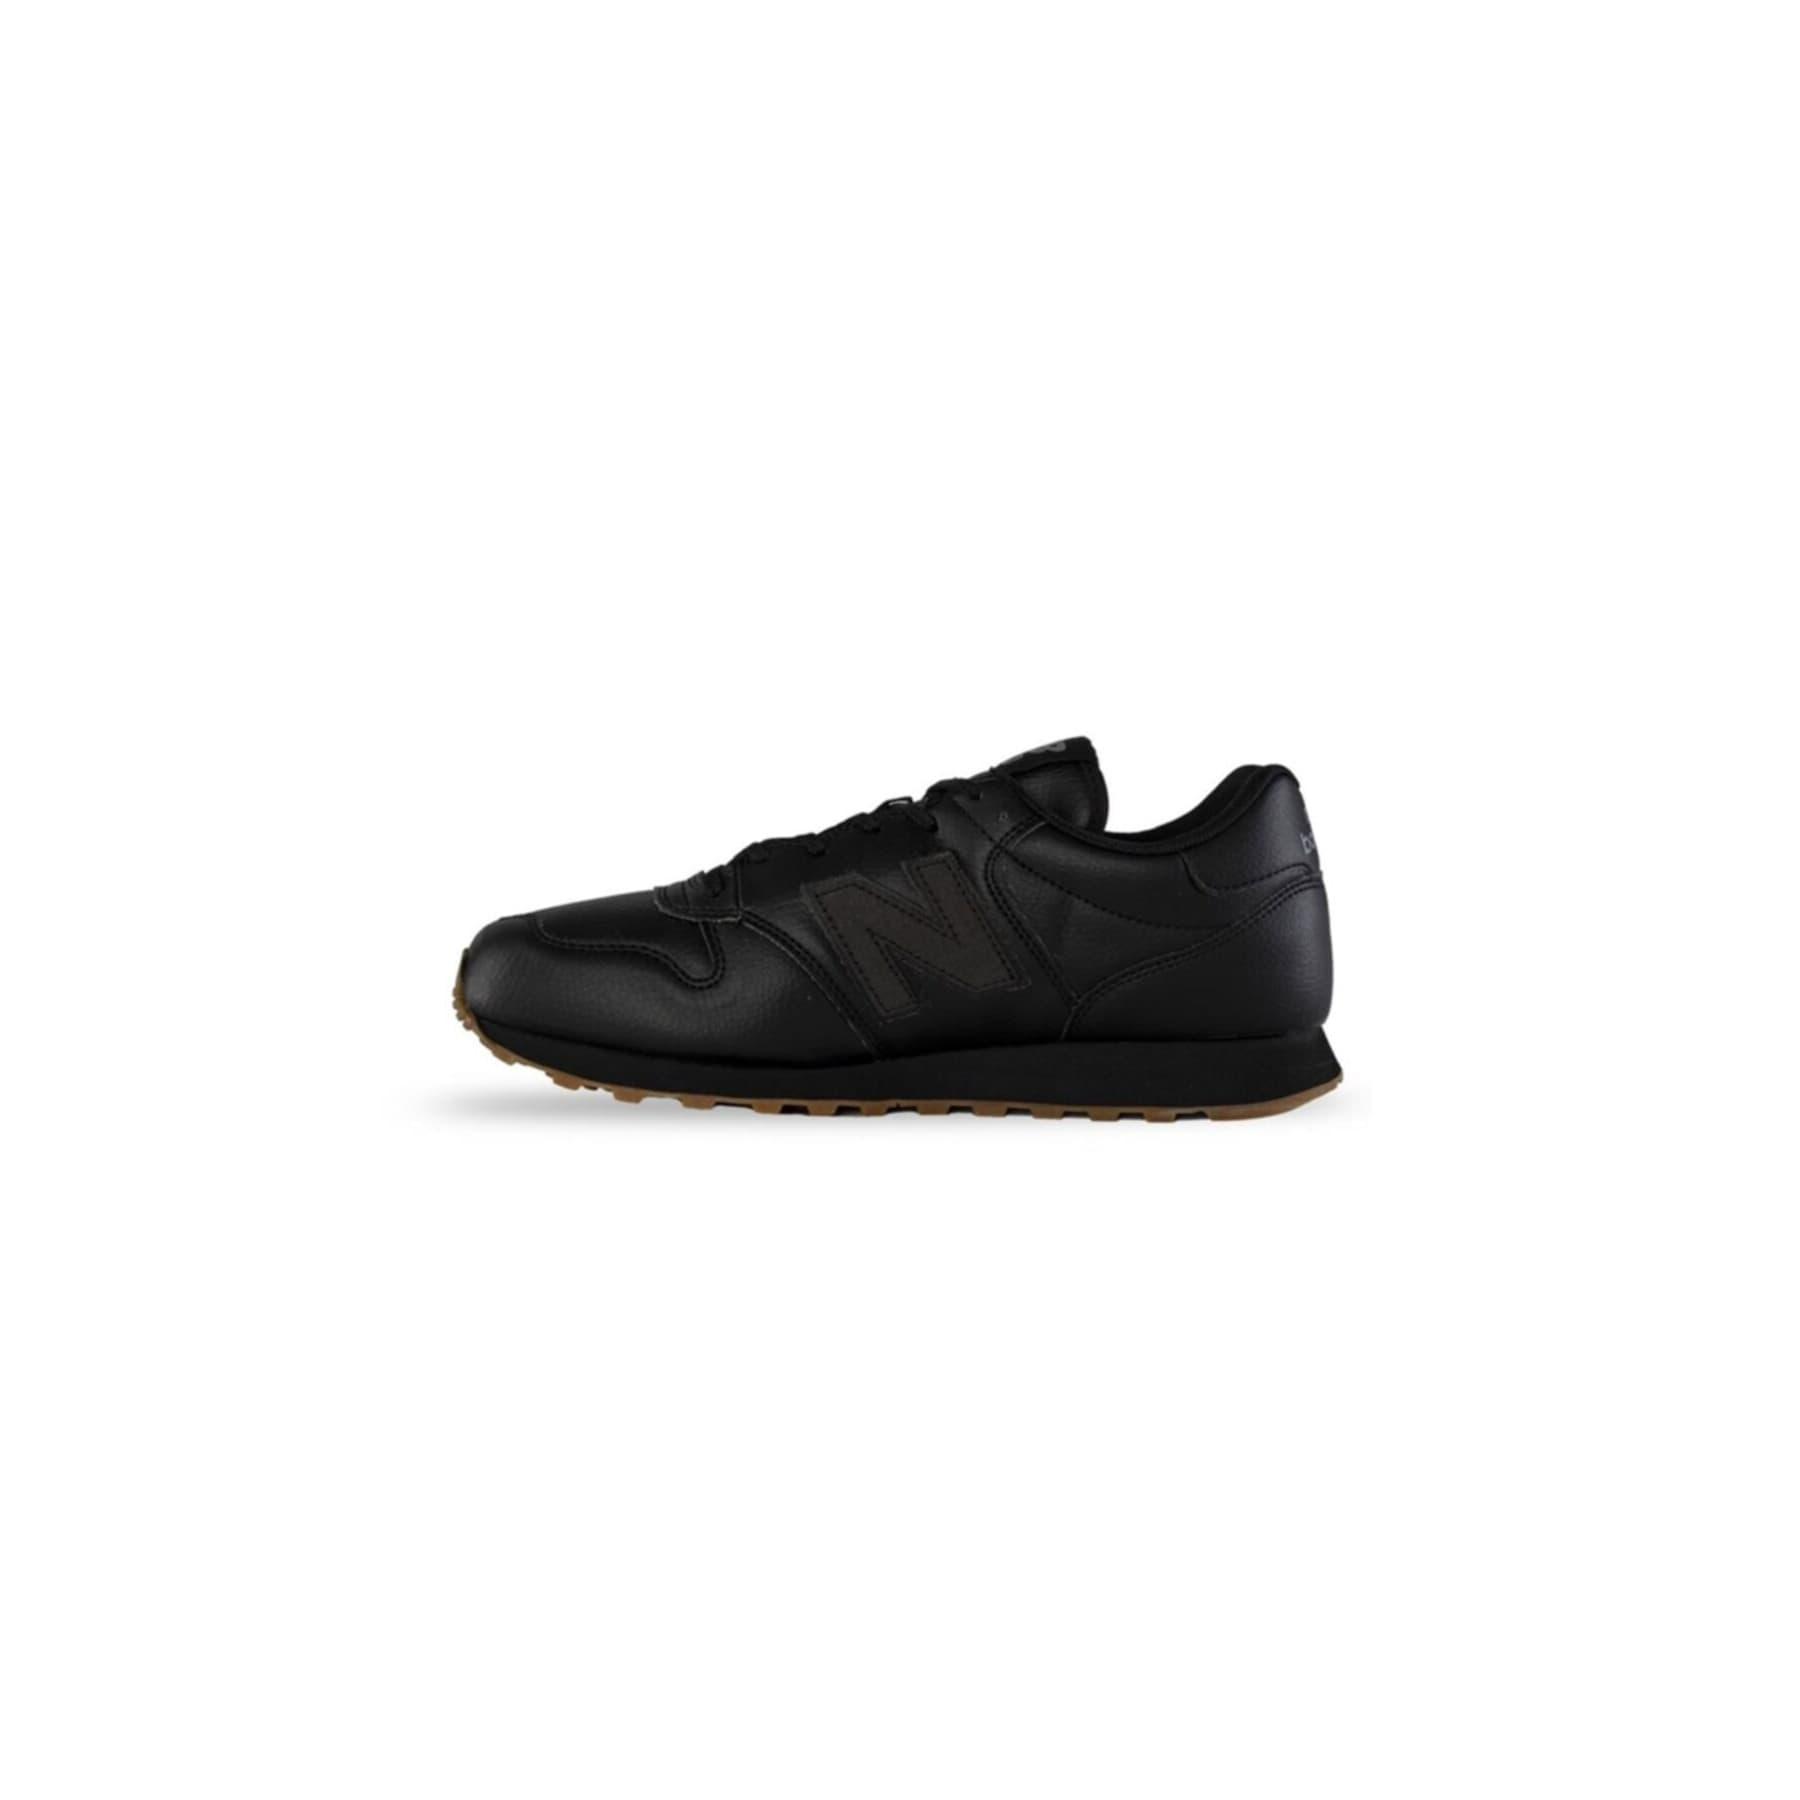 500 Siyah Erkek Spor Ayakkabı (GM500TWK)